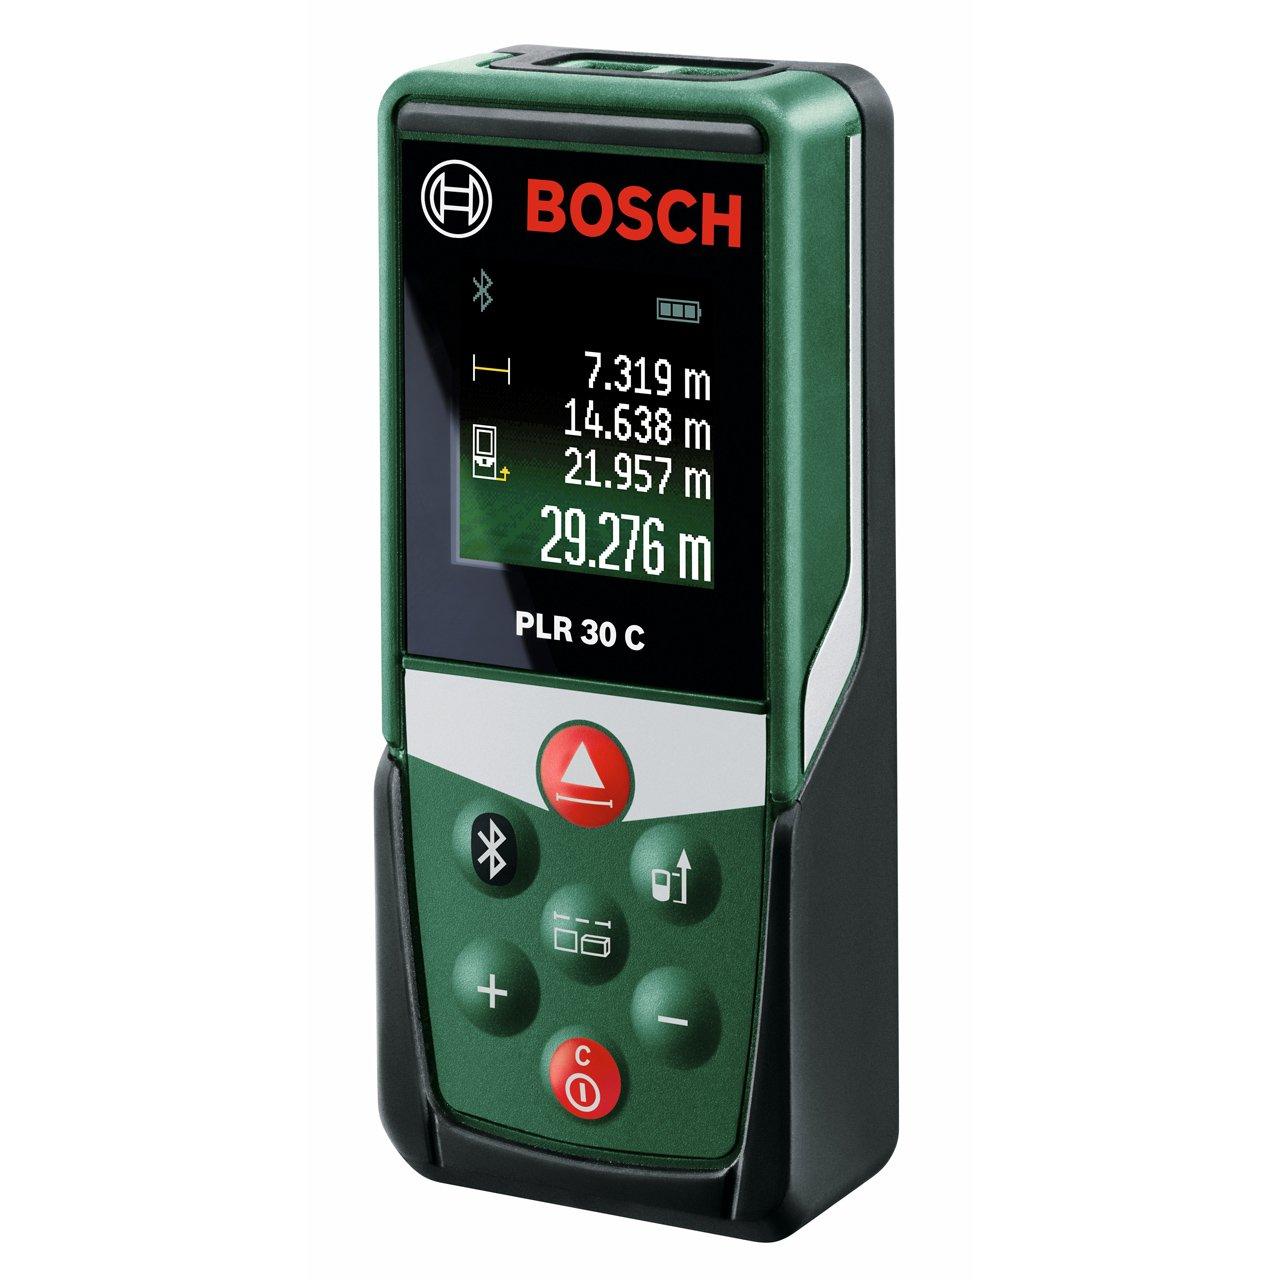 bosch plr 30 c digital laser measure measuring up to 30. Black Bedroom Furniture Sets. Home Design Ideas